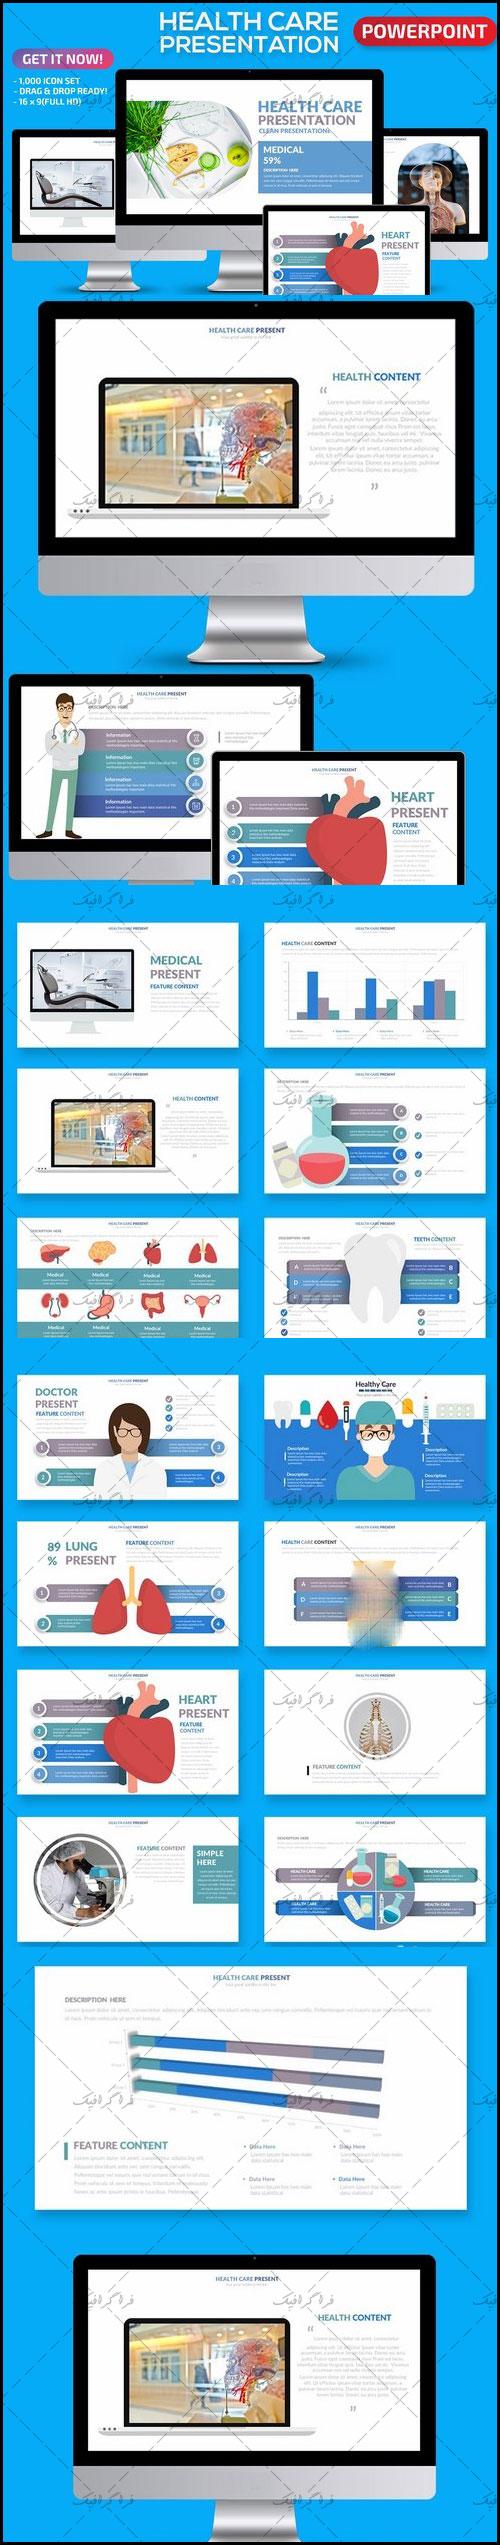 دانلود قالب پاورپوینت حرفه ای پزشکی و سلامت